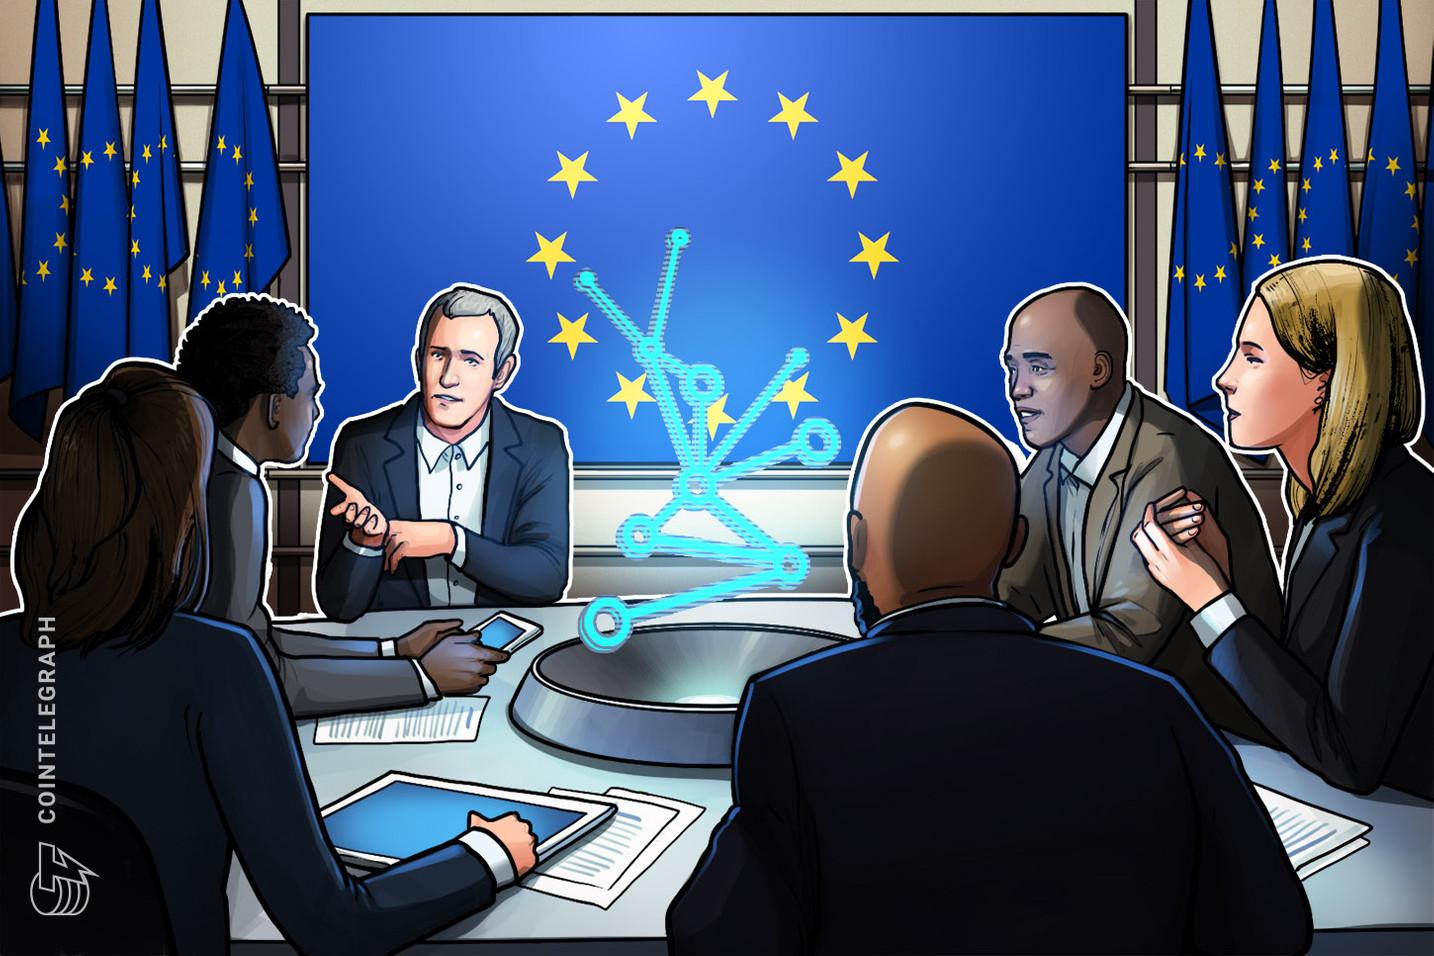 欧州投資銀行、ブロックチェーンとAI分野における投資不足を指摘